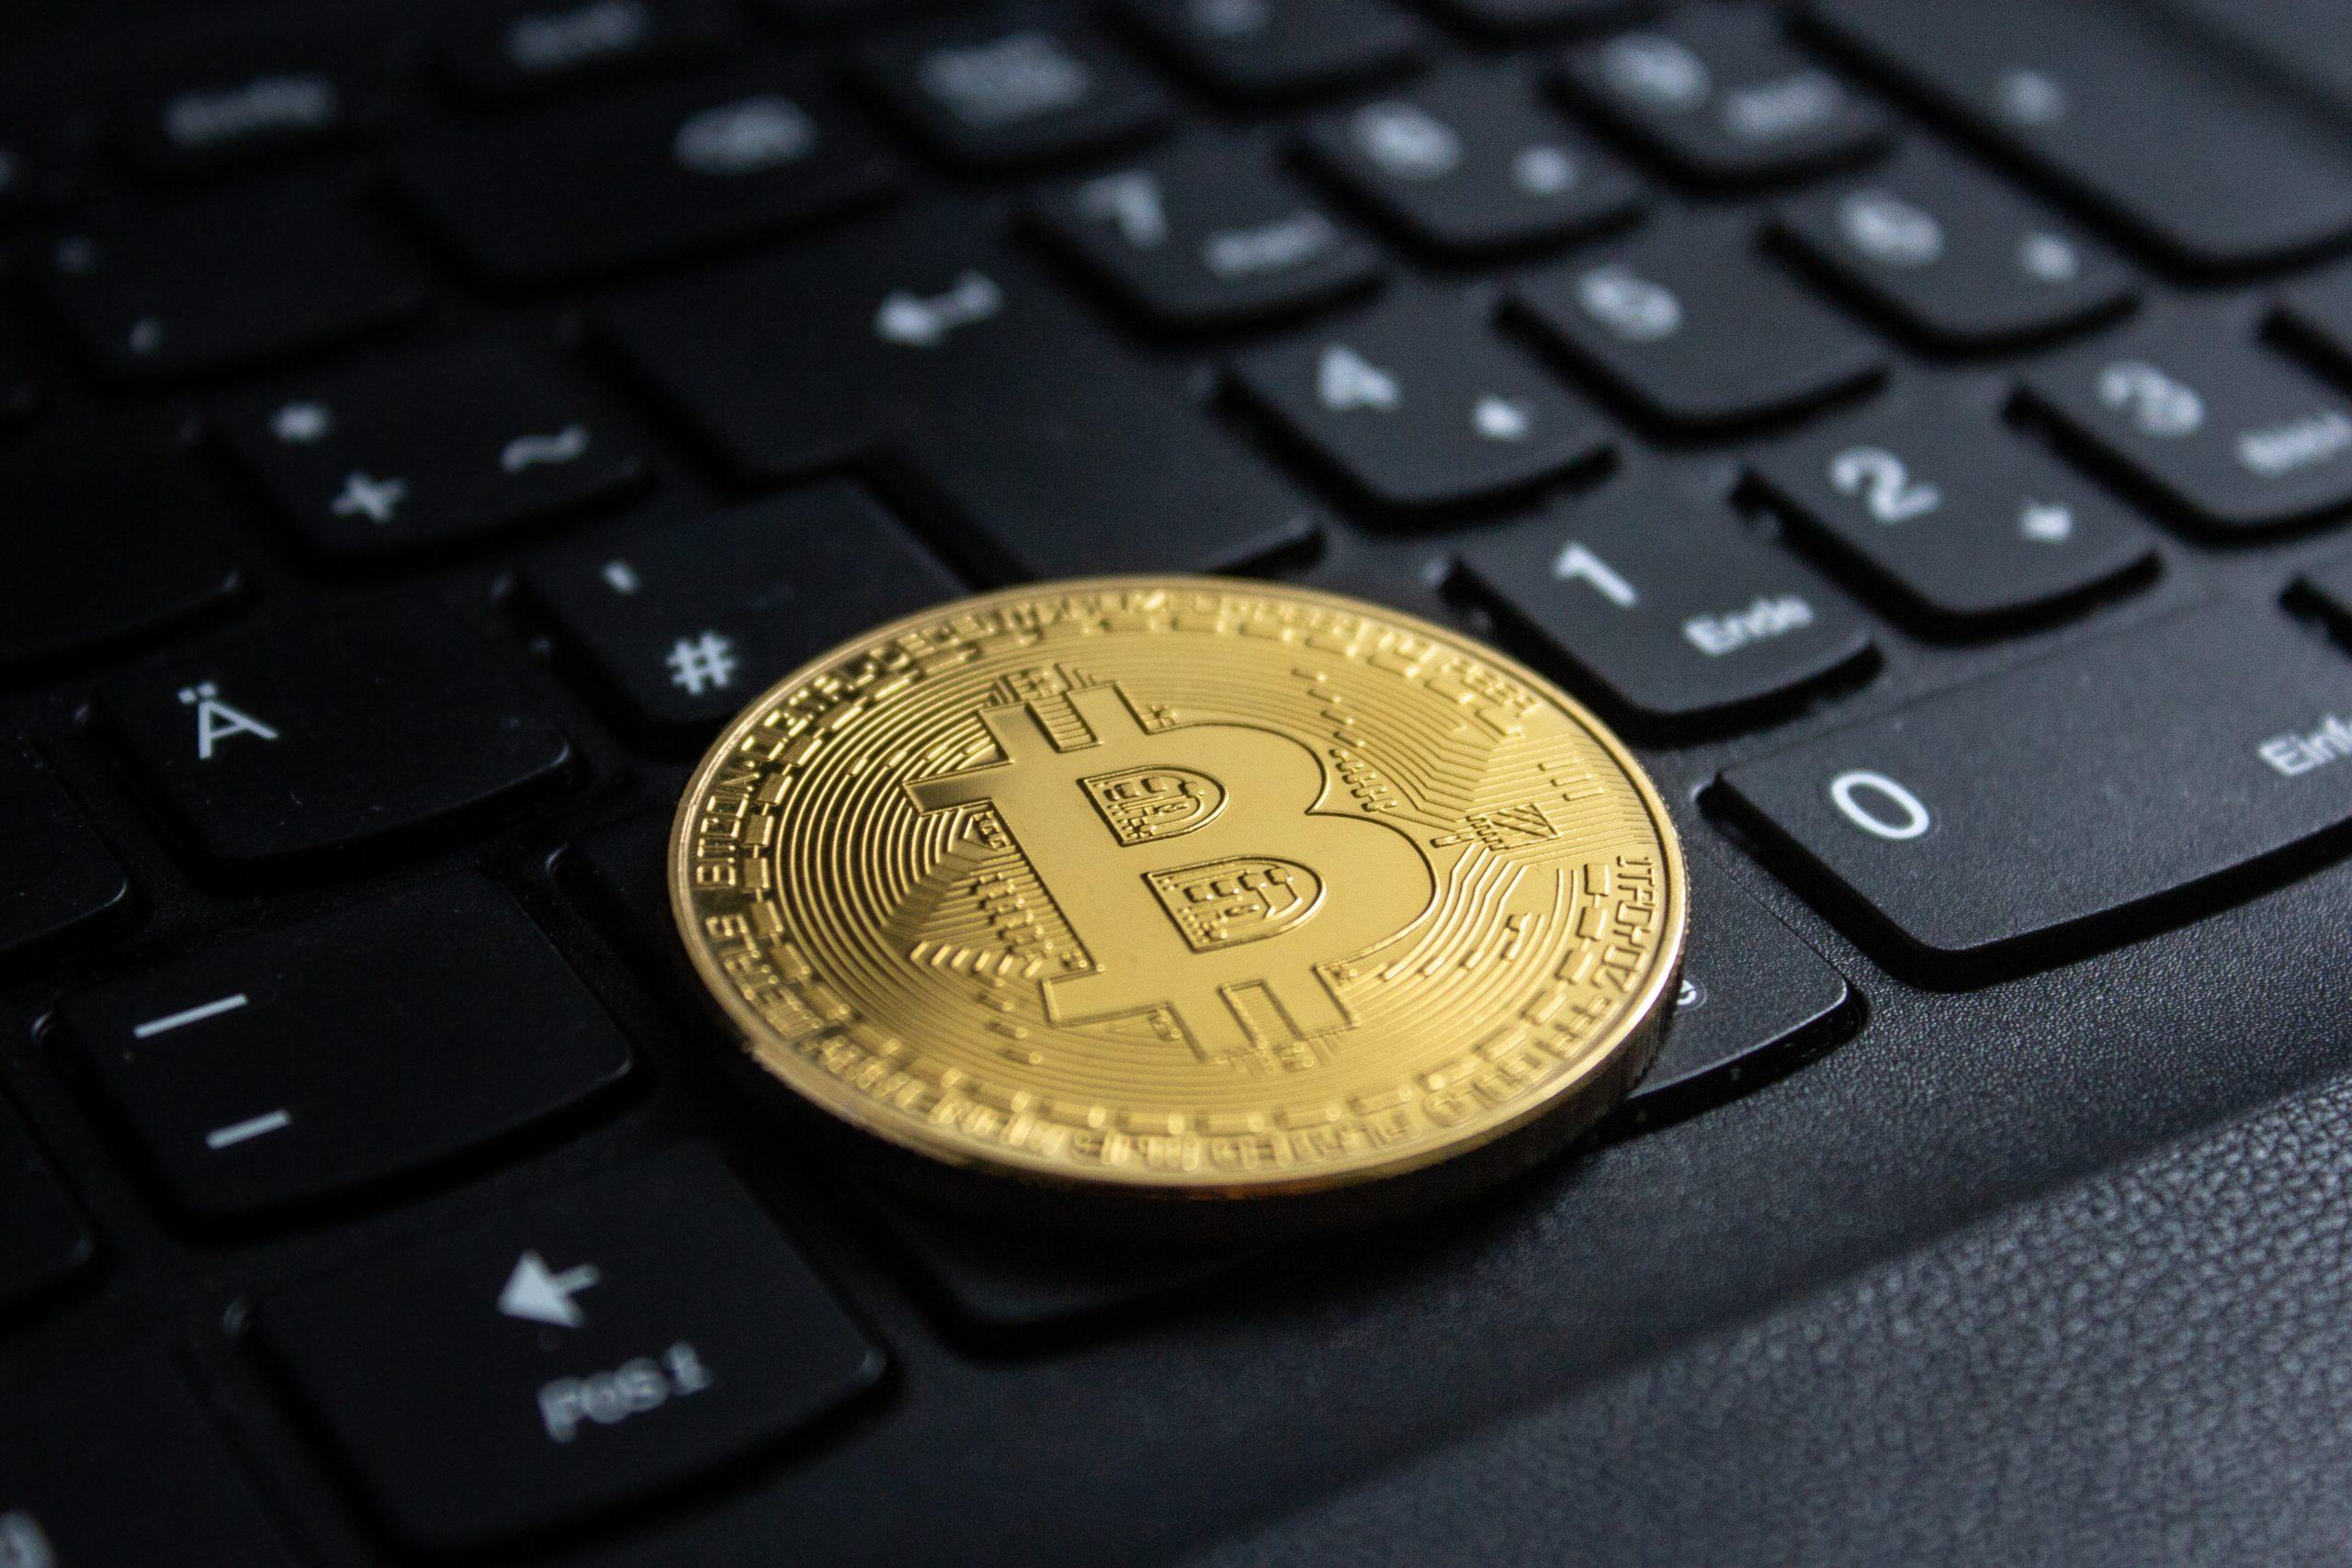 Le cryptojacking : une menace sous-estimée